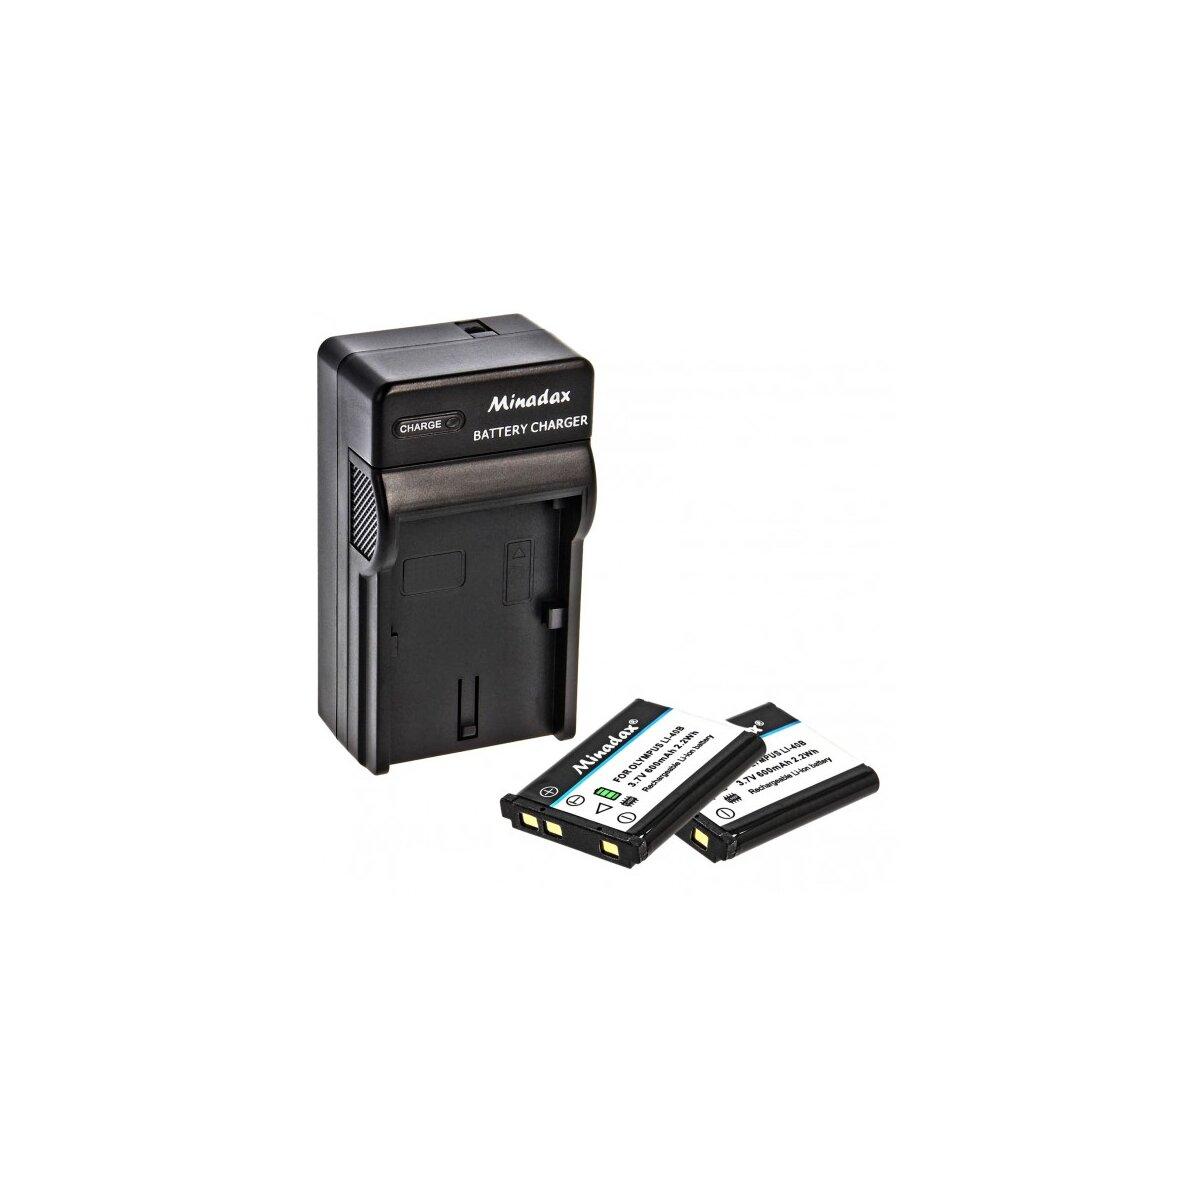 Minadax® Ladegeraet 100% kompatibel fuer Olympus LI-40B / LI-42B inkl. Auto Ladekabel, Ladeschale austauschbar + 2x Akku wie LI-40B / LI-42B